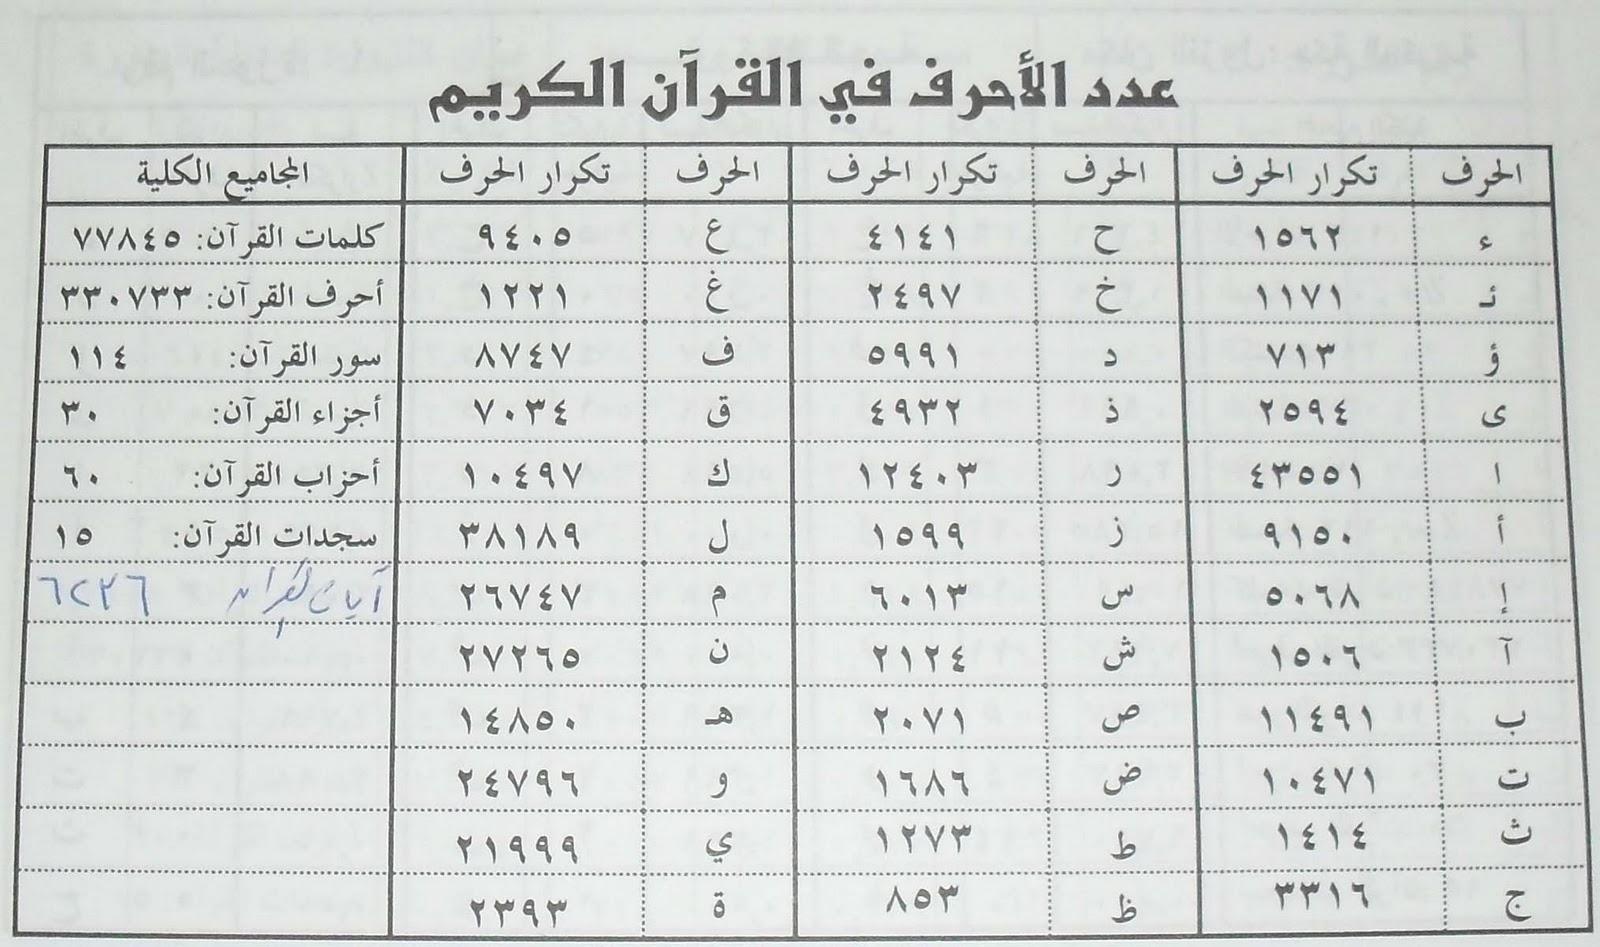 مدونة لقمة عيش عدد أحرف القرآن الكريم منذ نزوله وإلى الآن وحتى قيام الساعة